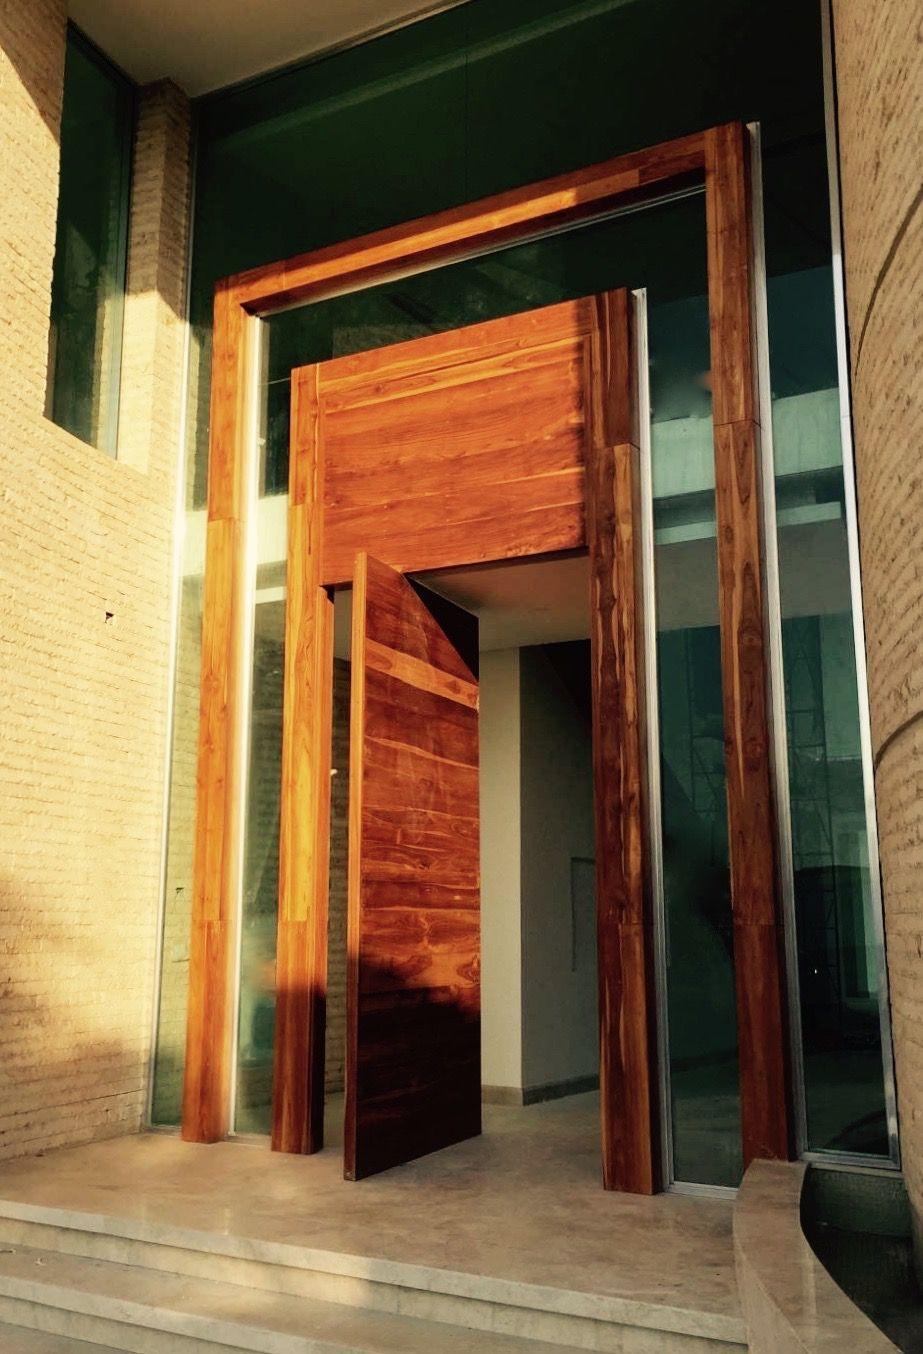 Beautiful wooden fritsjurgens pivot entrance doors in a villa in